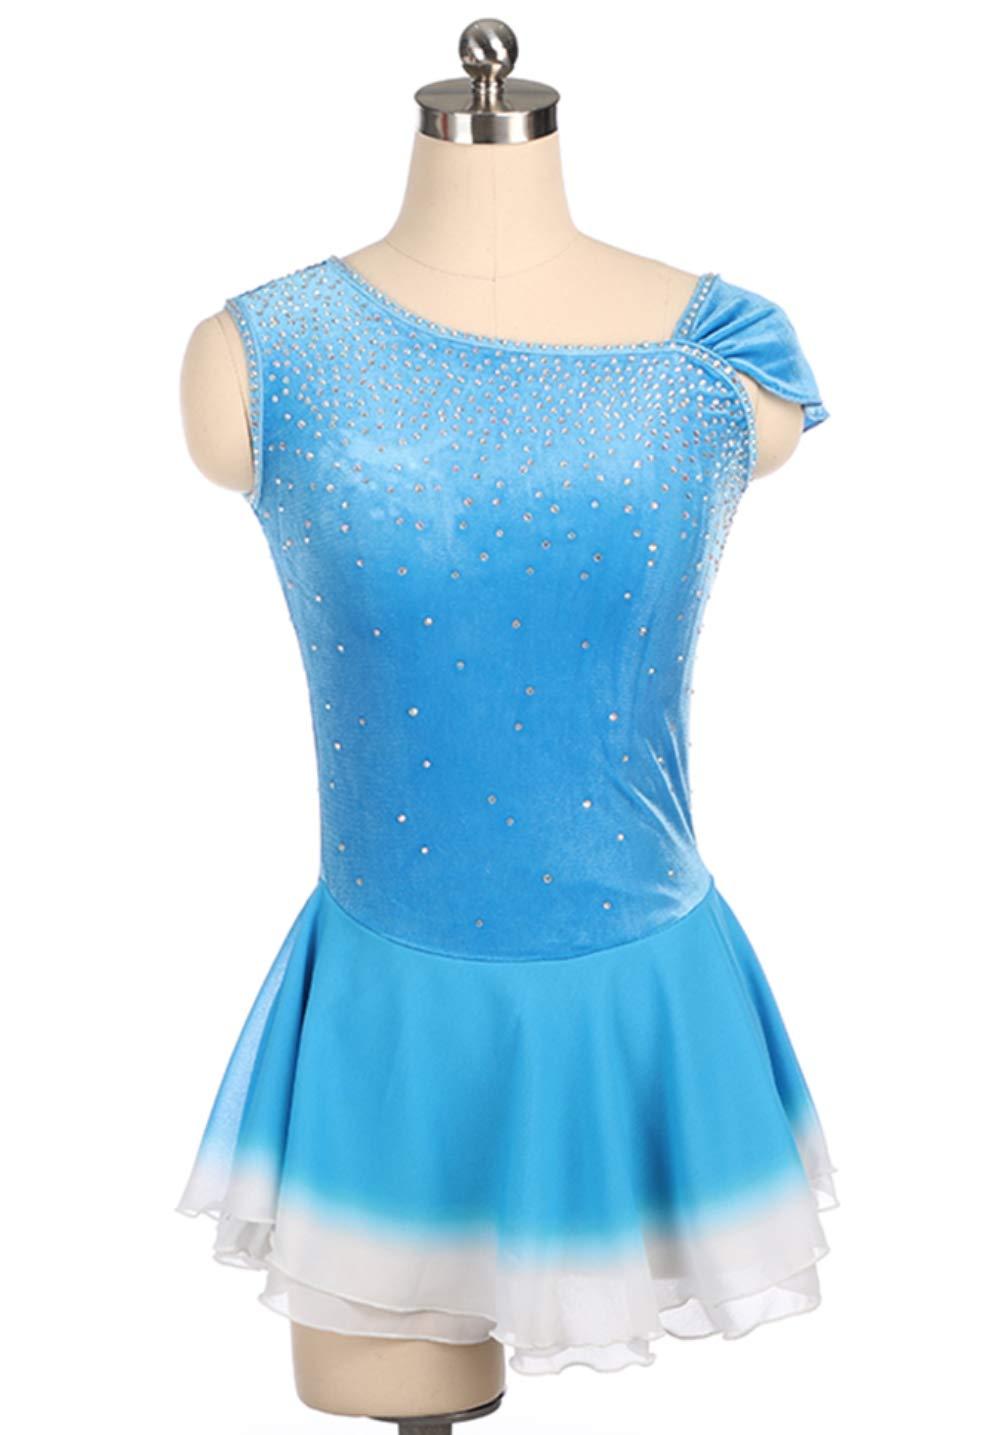 Terciopelo Vestido de Patinaje artístico para niñas, Traje ...